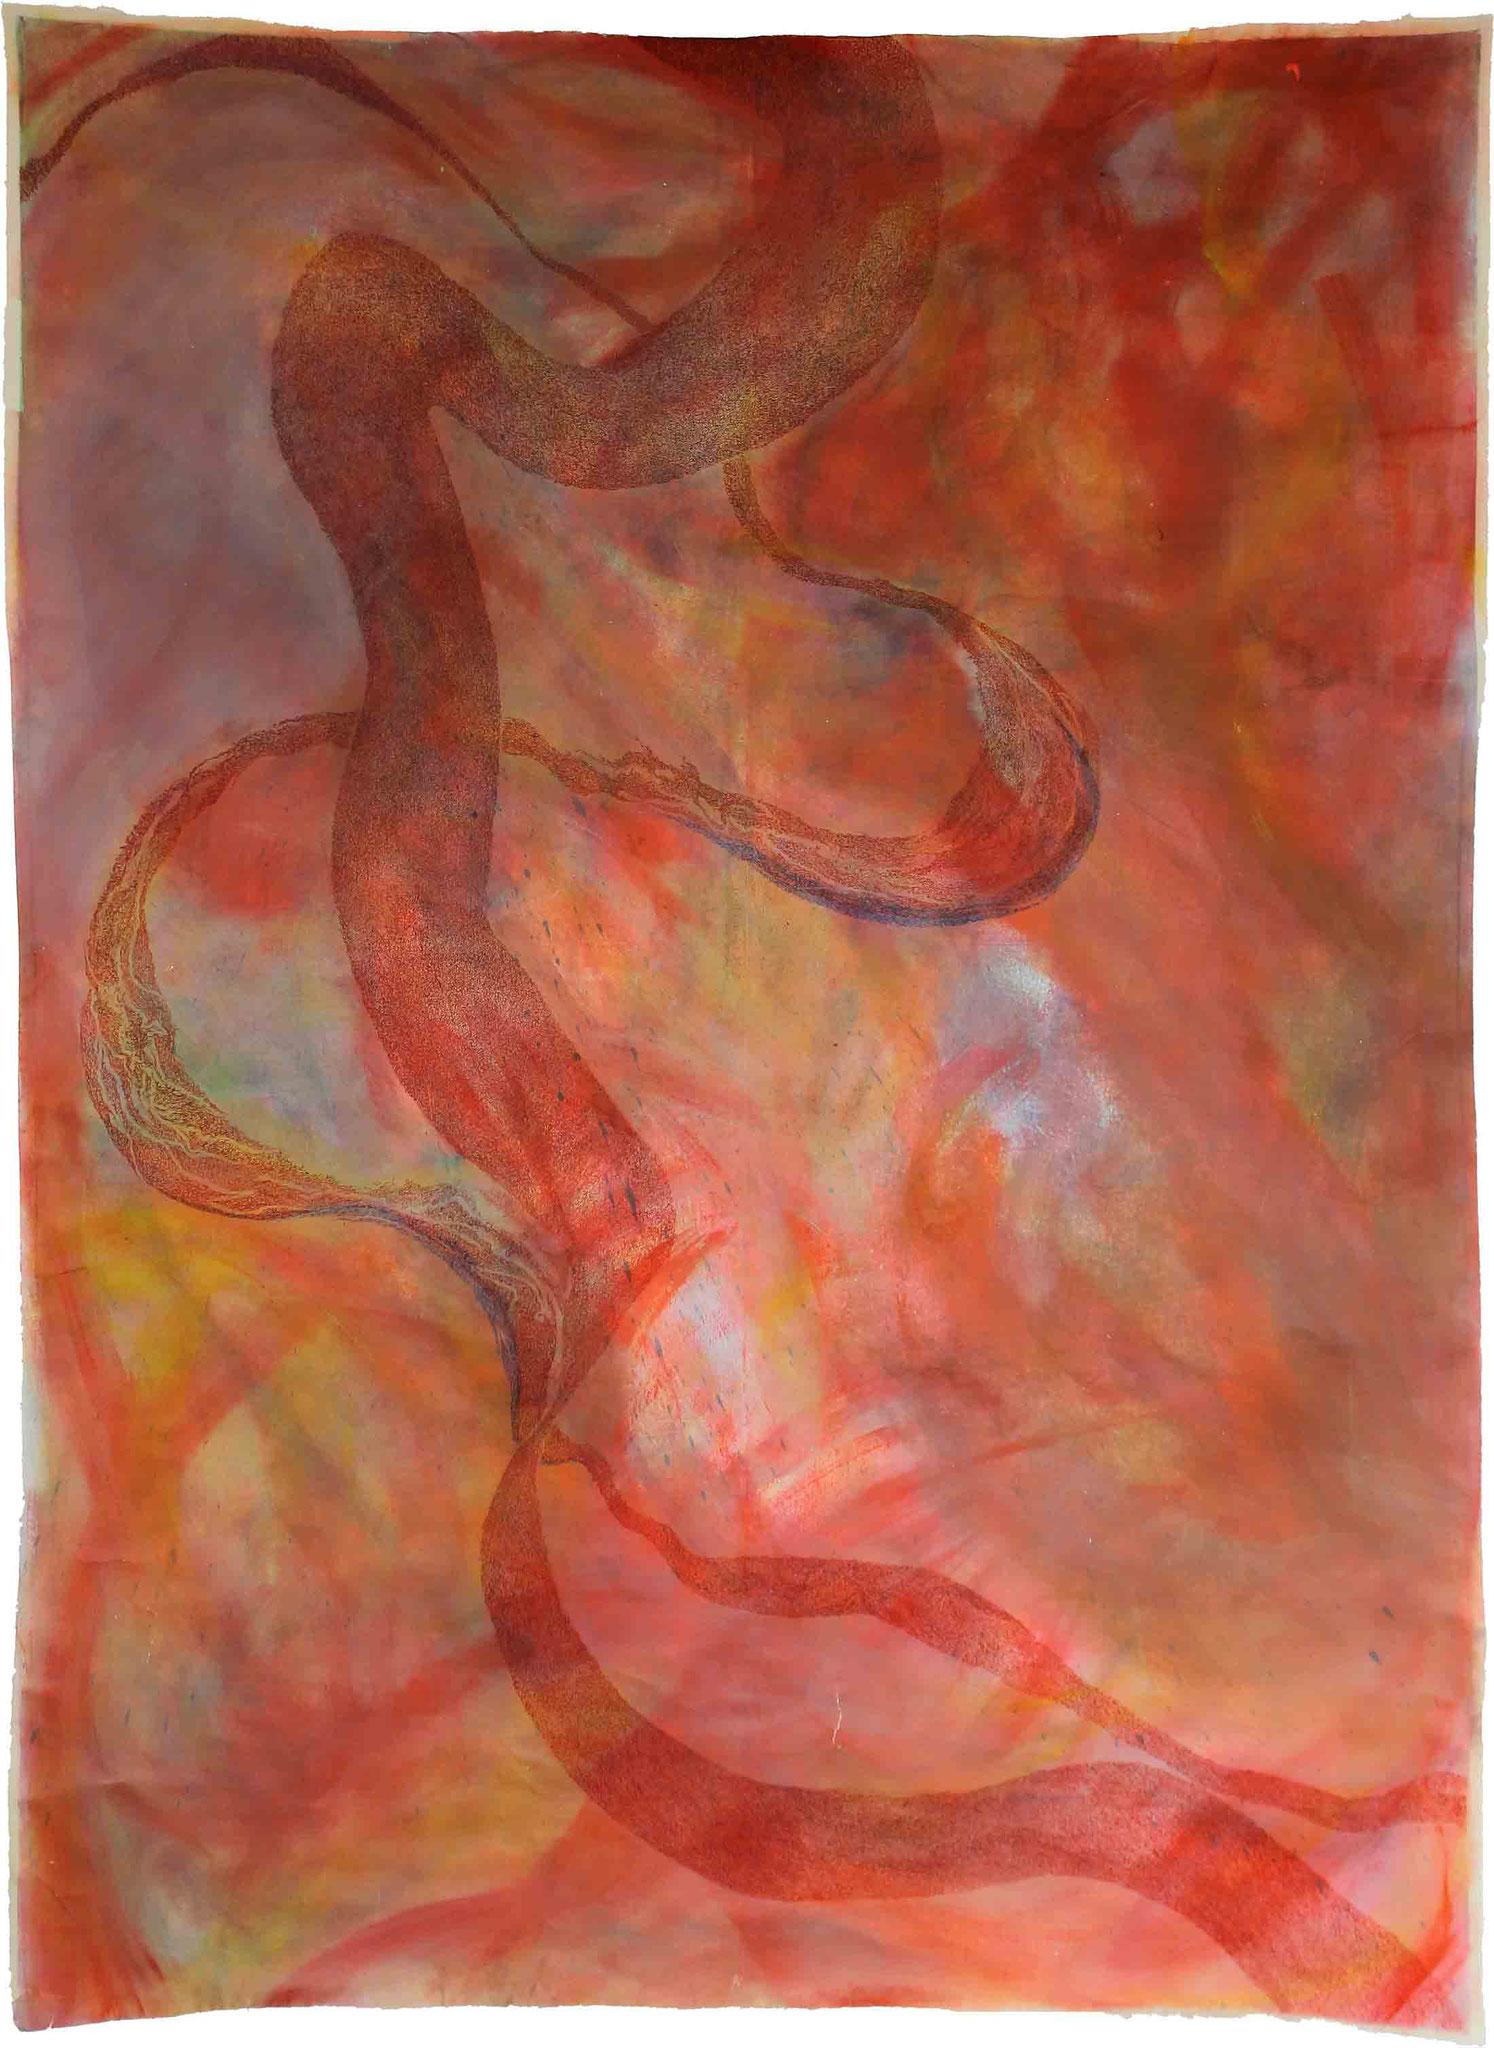 ohne Titel 3, 2012, Mischtechnik auf Leinwand,225 x 165 cm